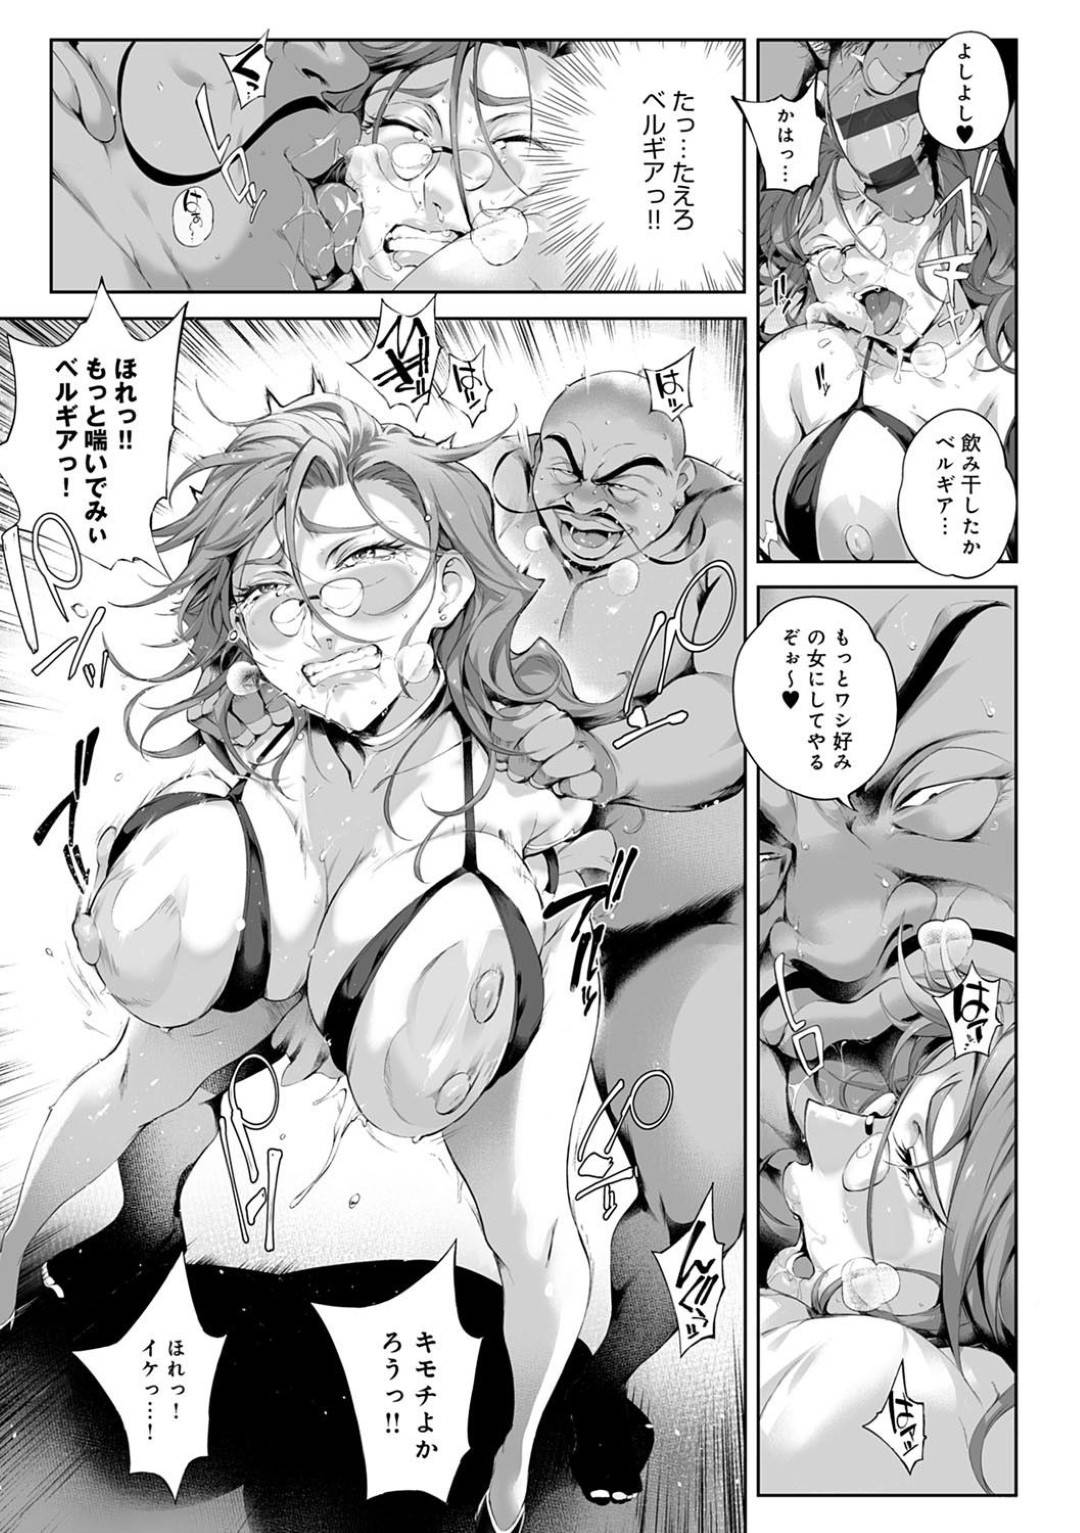 【エロ漫画】奴隷にされた巨乳なメガネ女騎士。他の奴隷たちを解放することを条件に王様と濃厚トロ顔セックスをしてそのまま快楽堕ちのいちゃラブセックス!